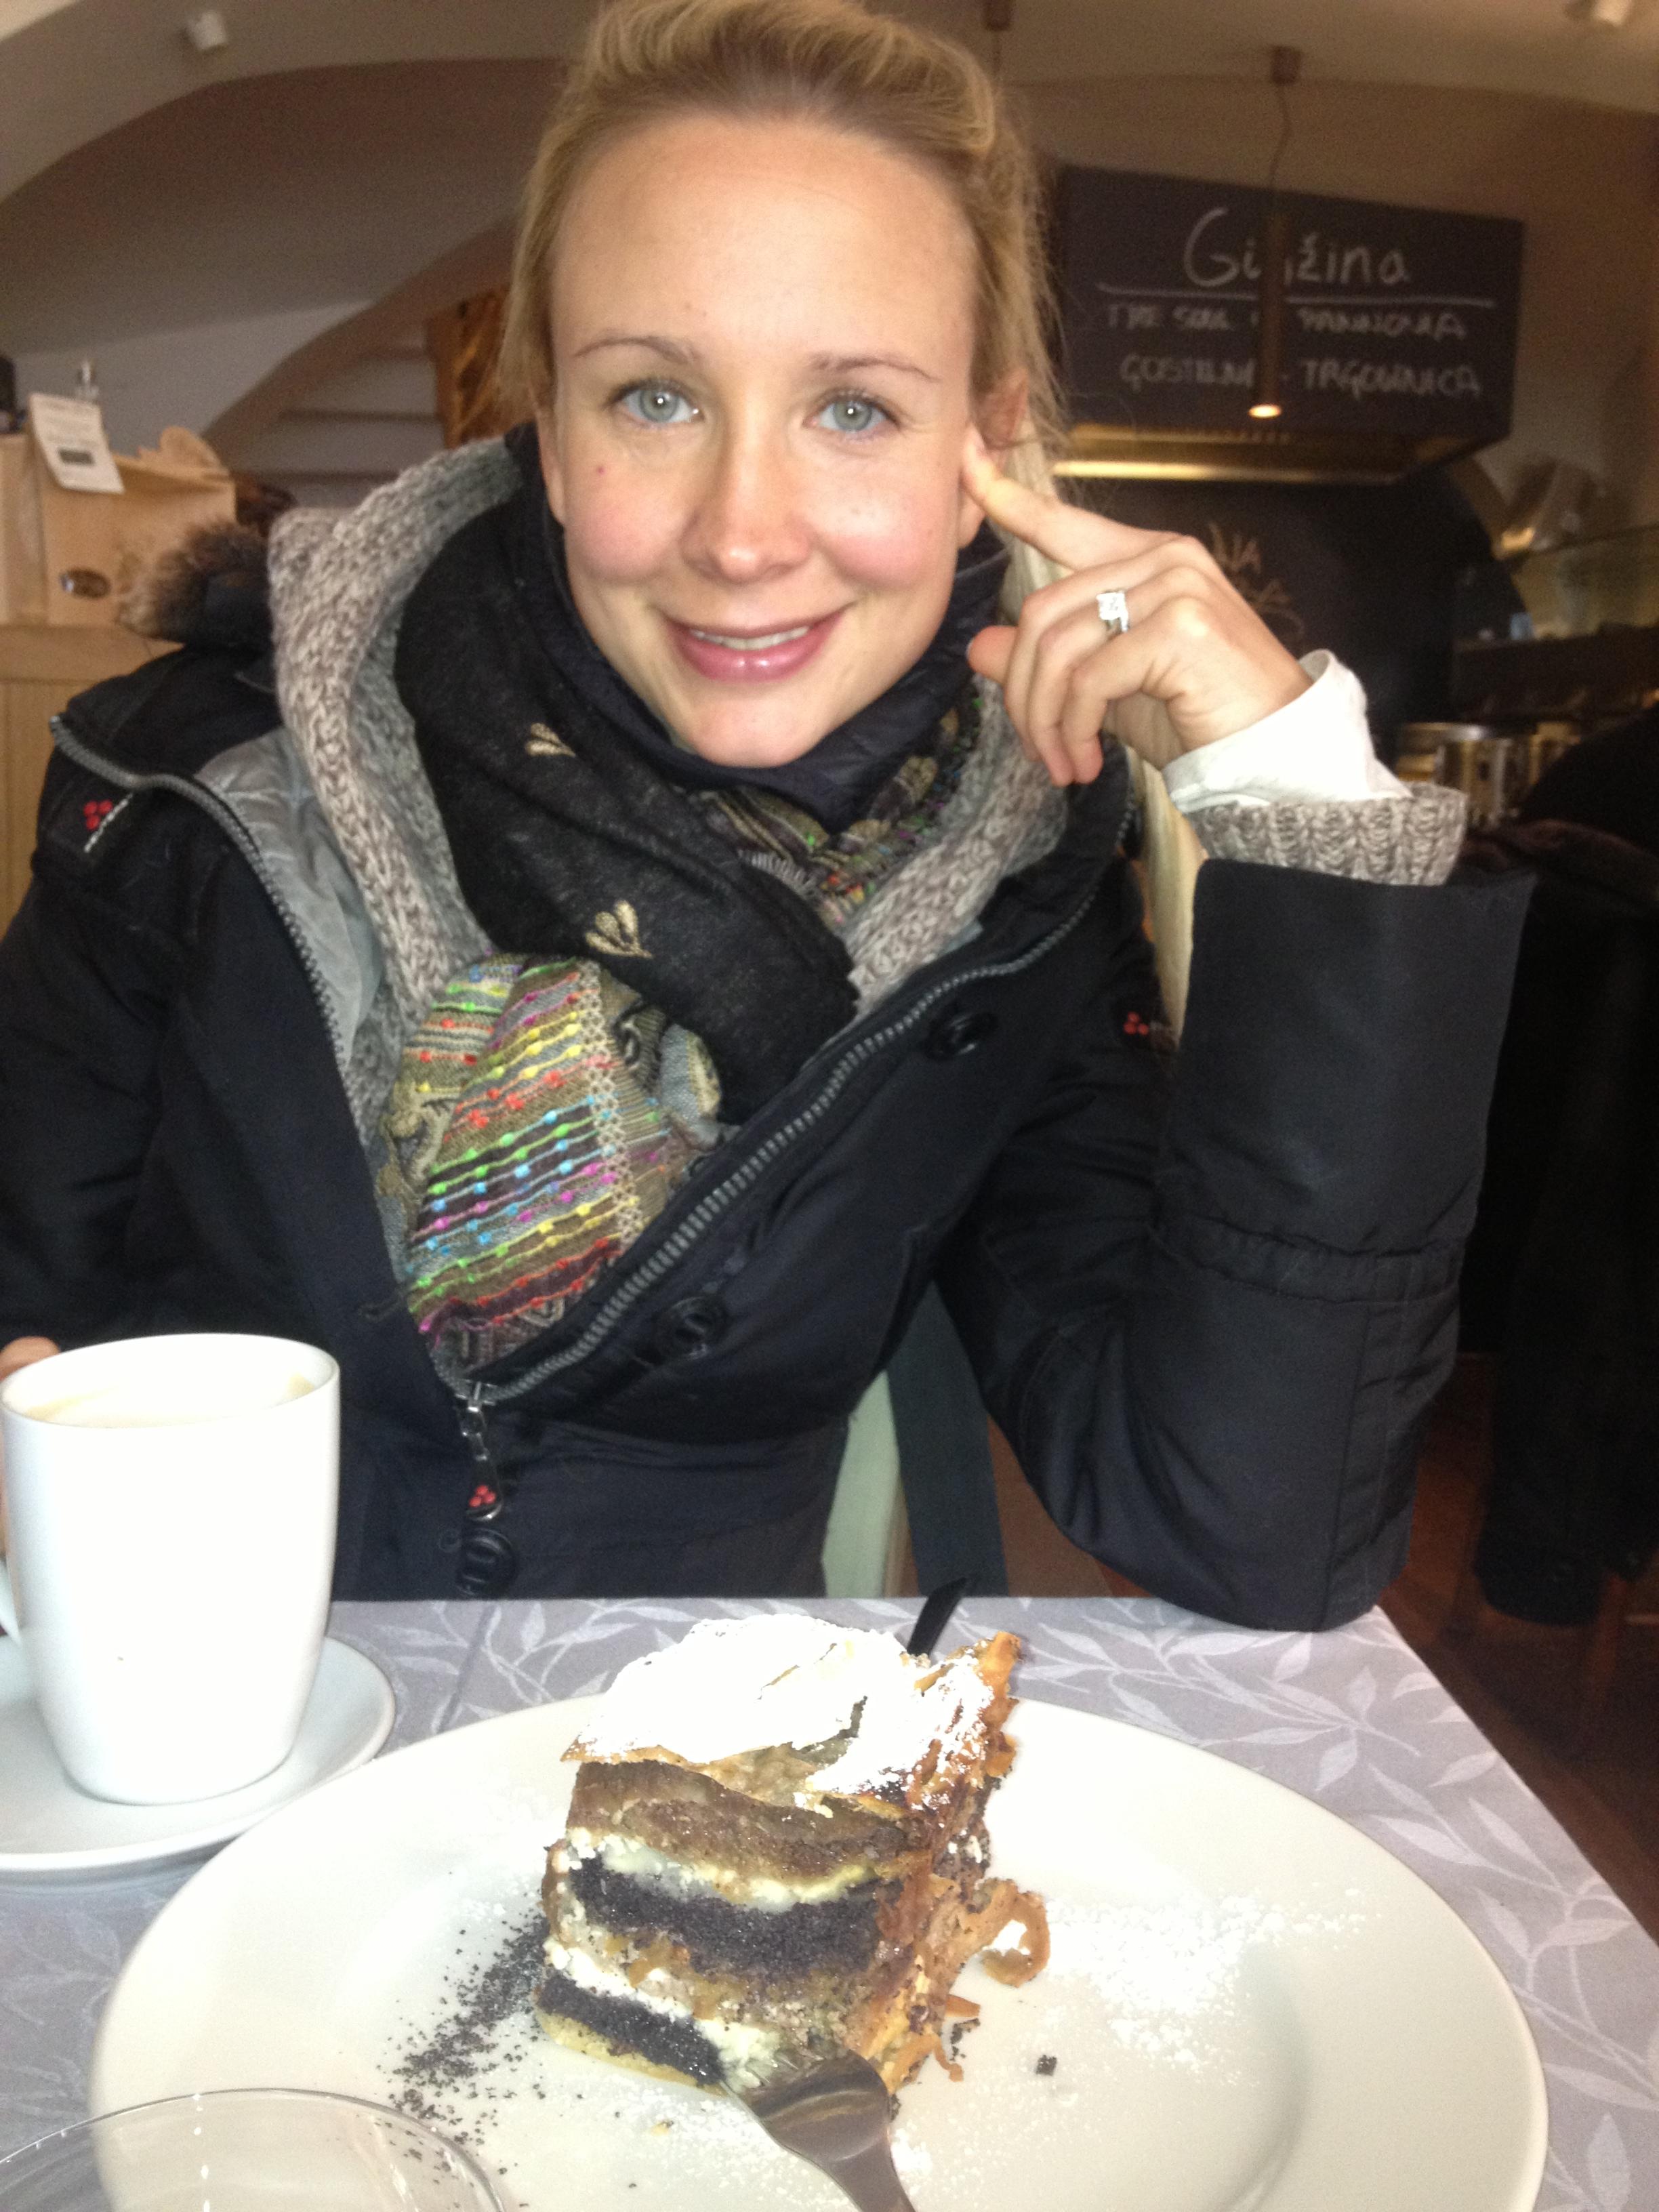 Sara #1 Cake